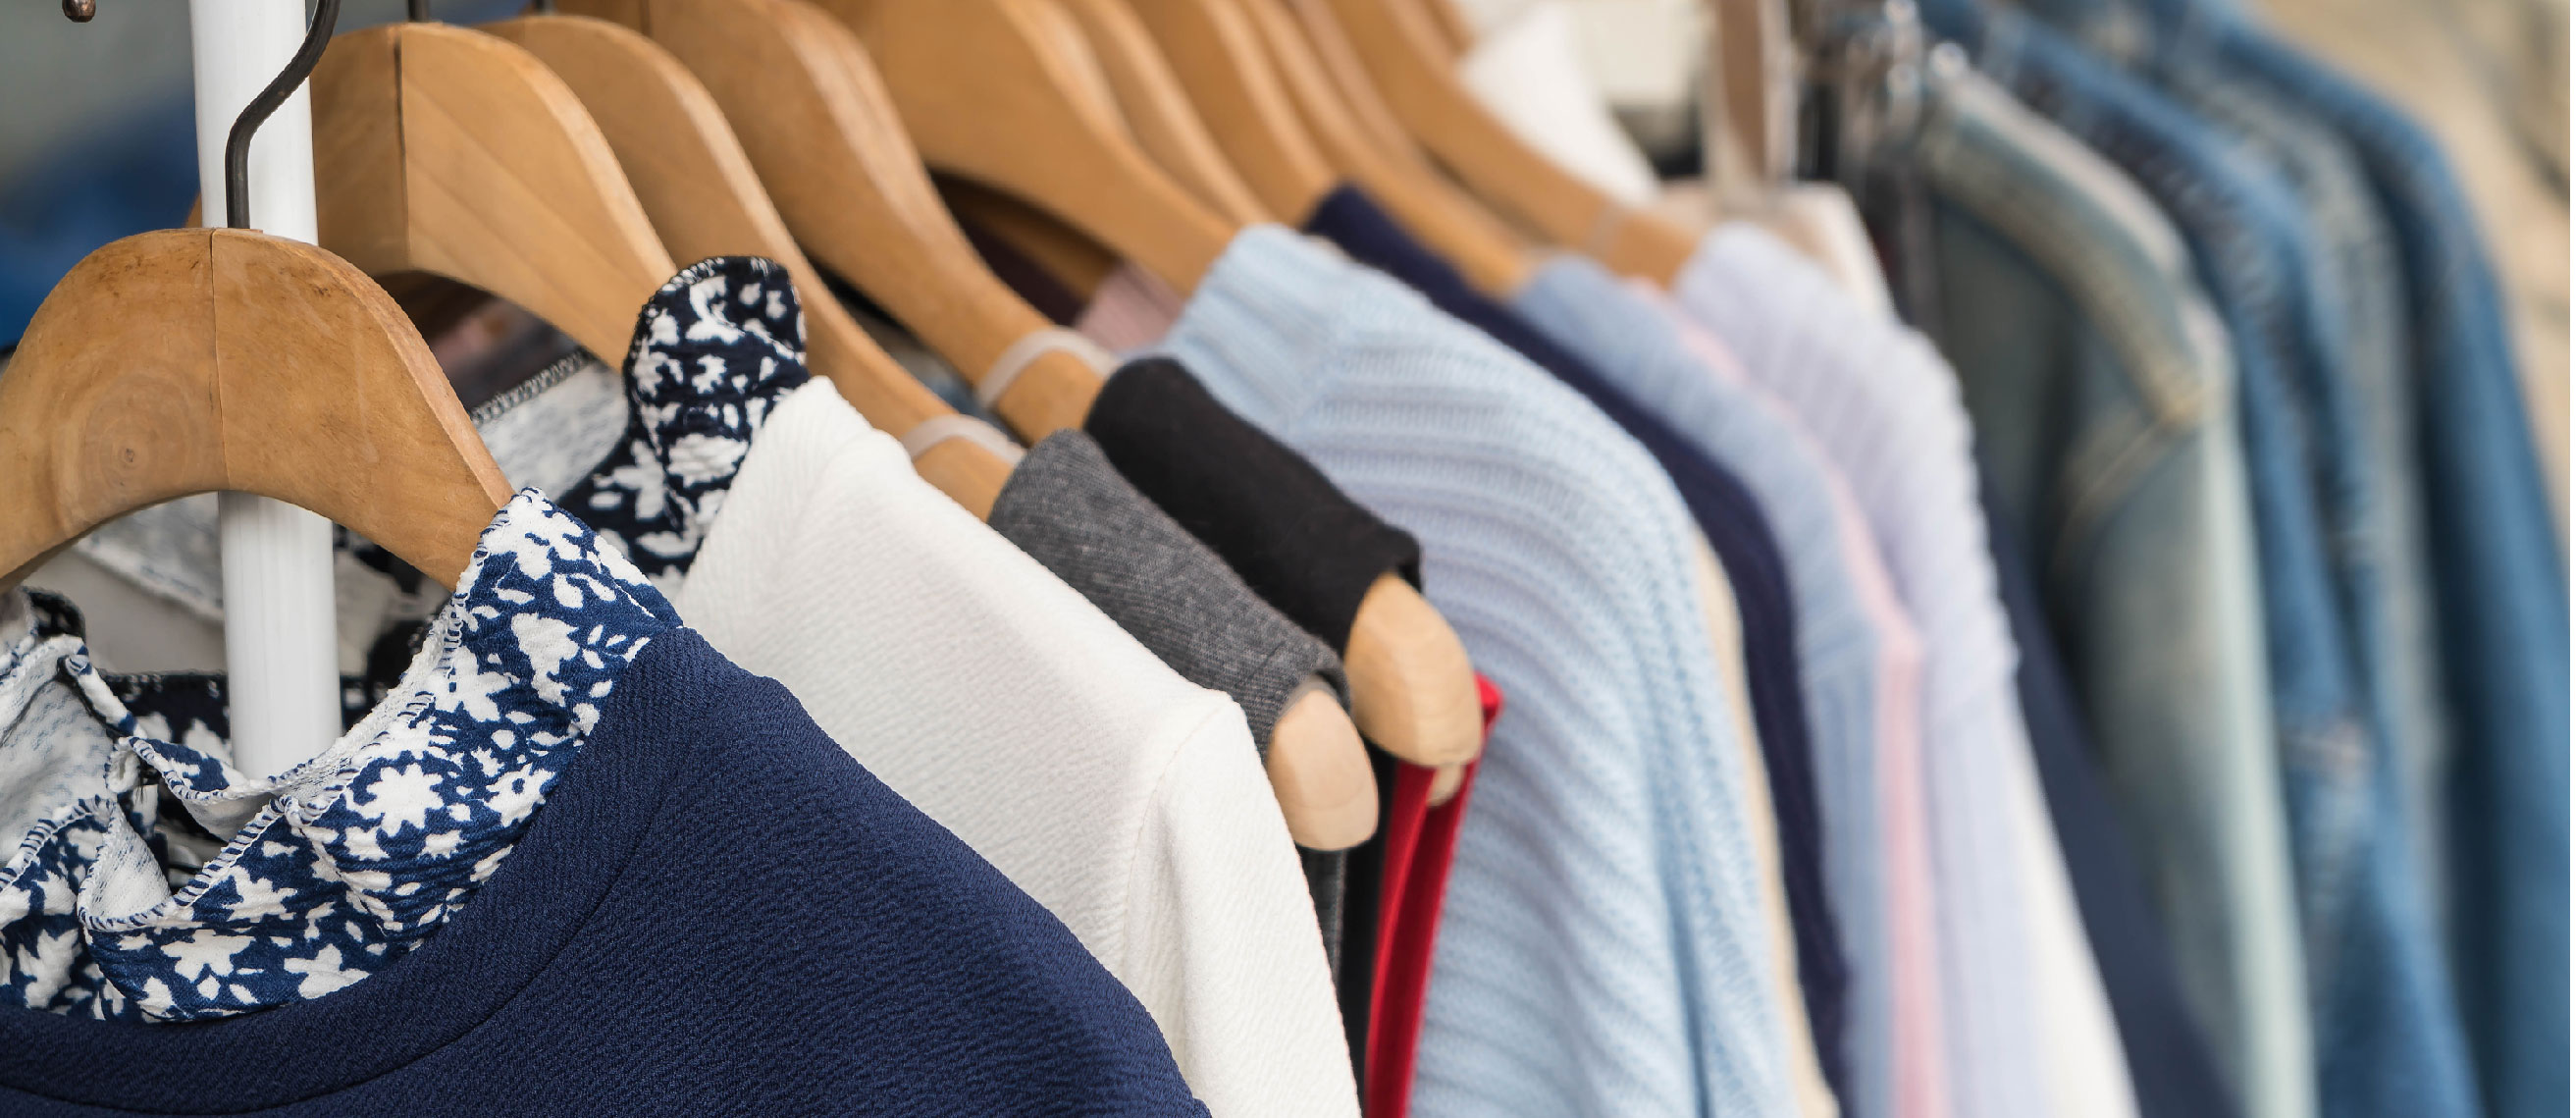 Fashion Businesses' E-commerce platform provider